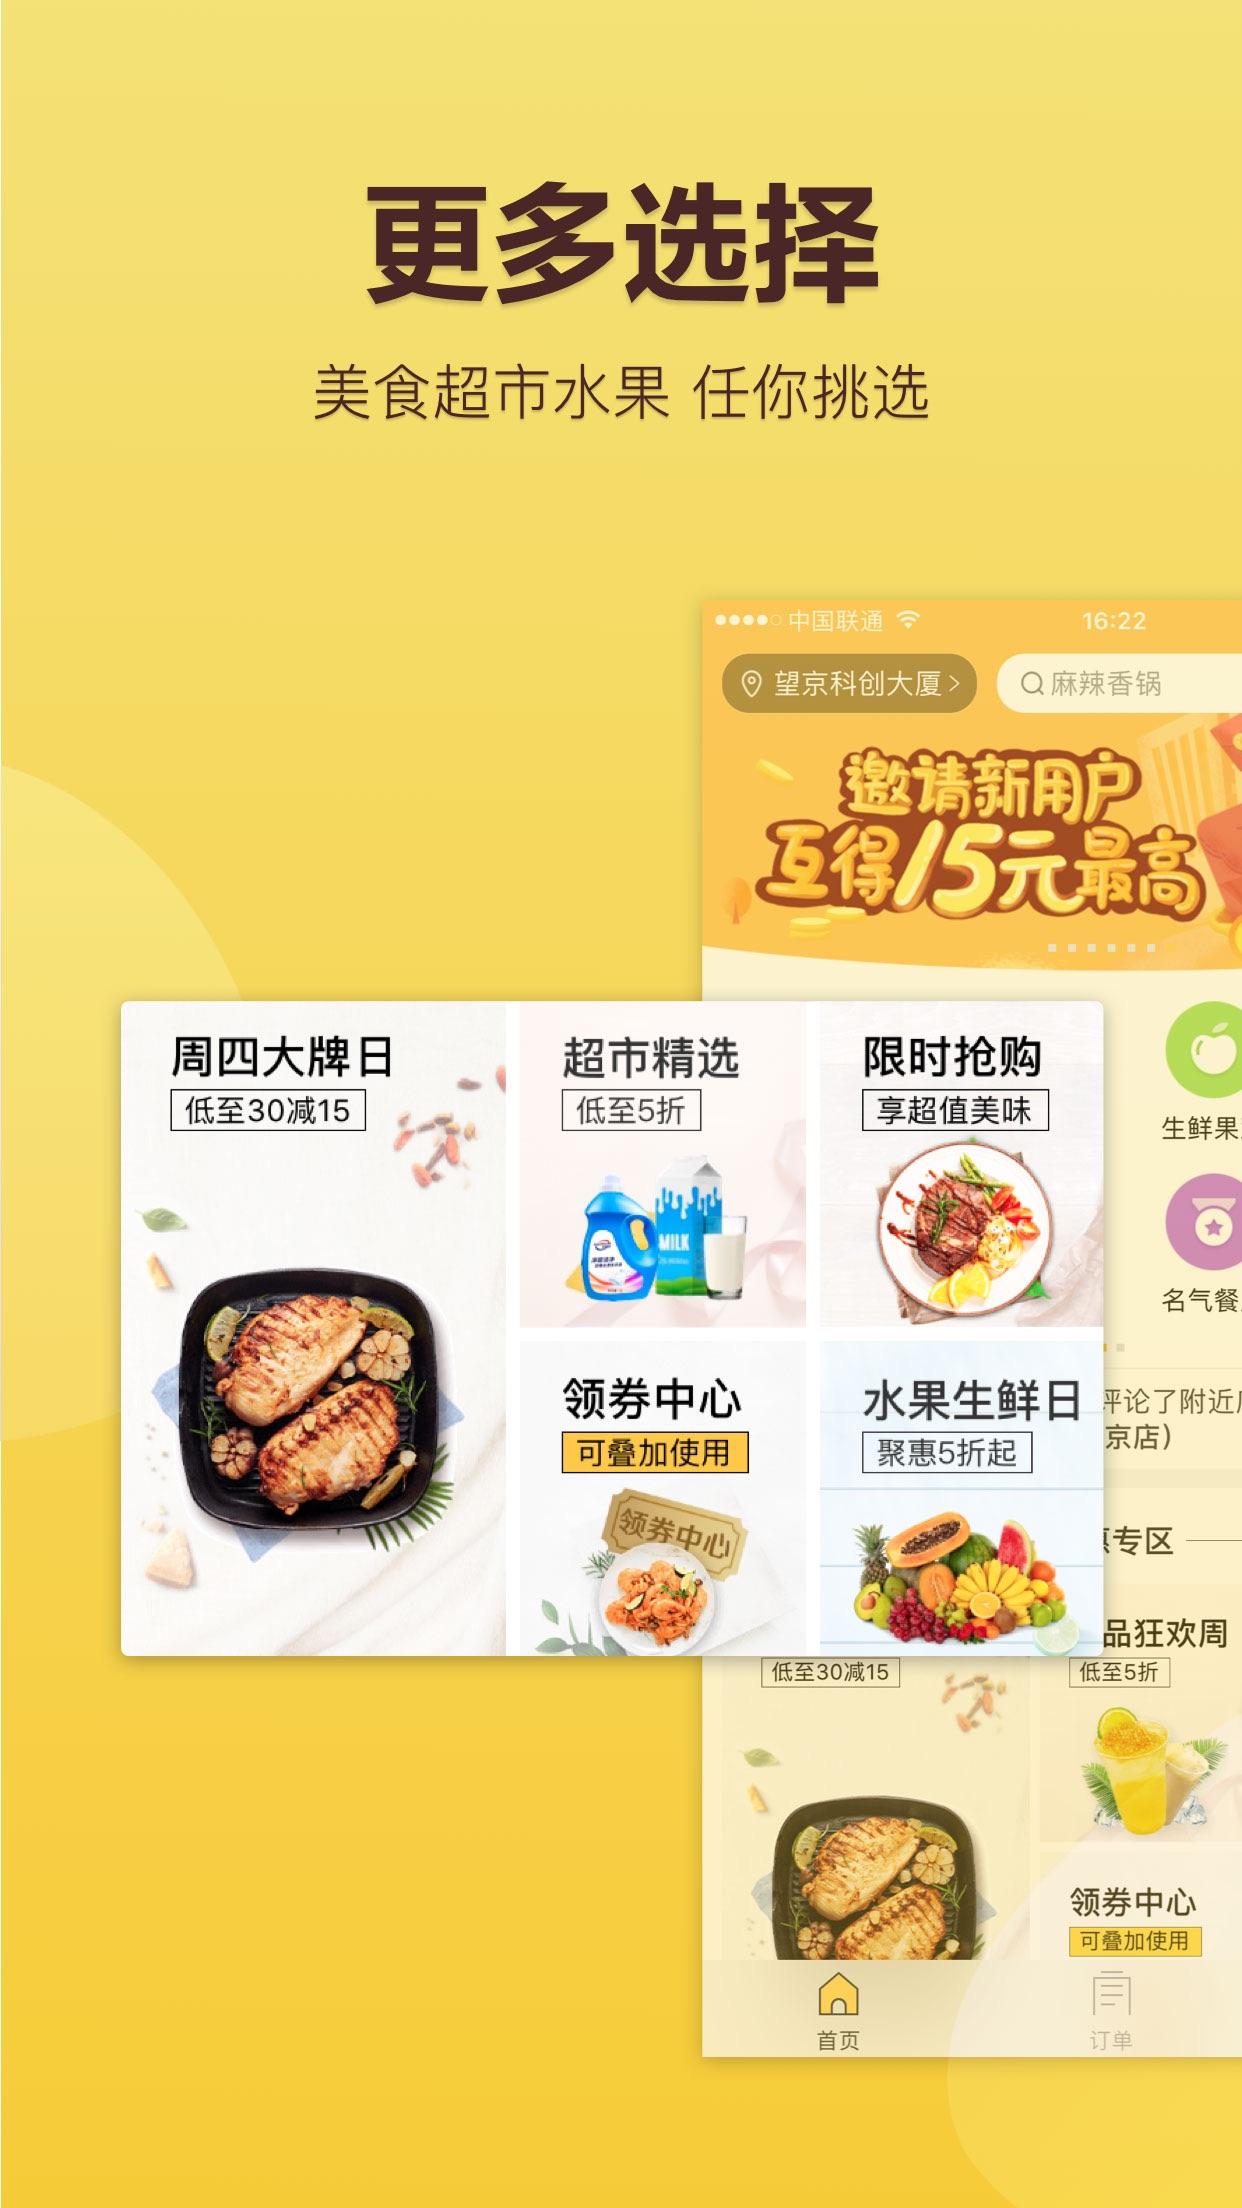 美团外卖-网上的鲜花超市 Screenshot